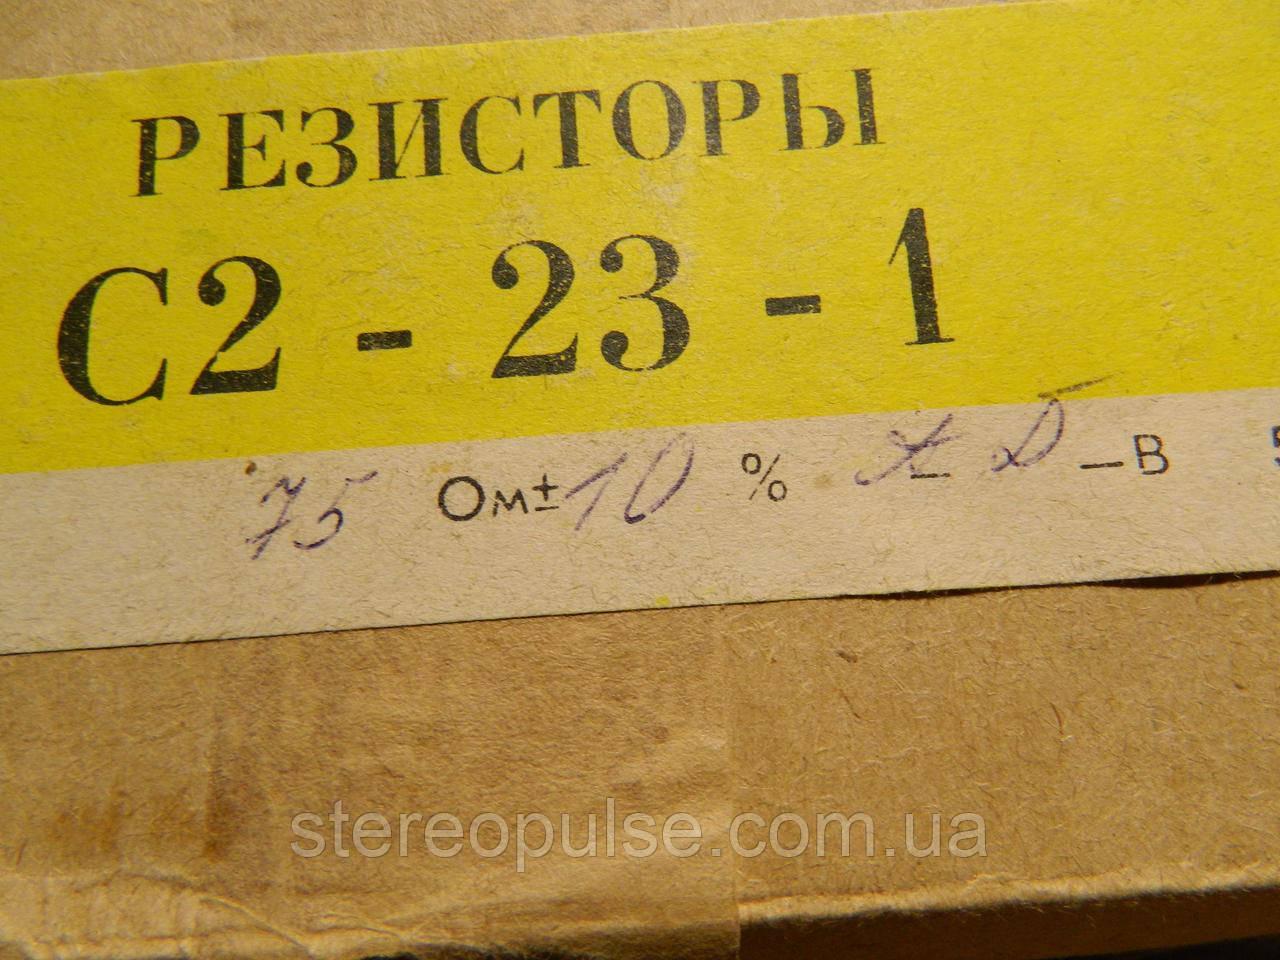 Резистор С2-23 -1 75 Ом 10%